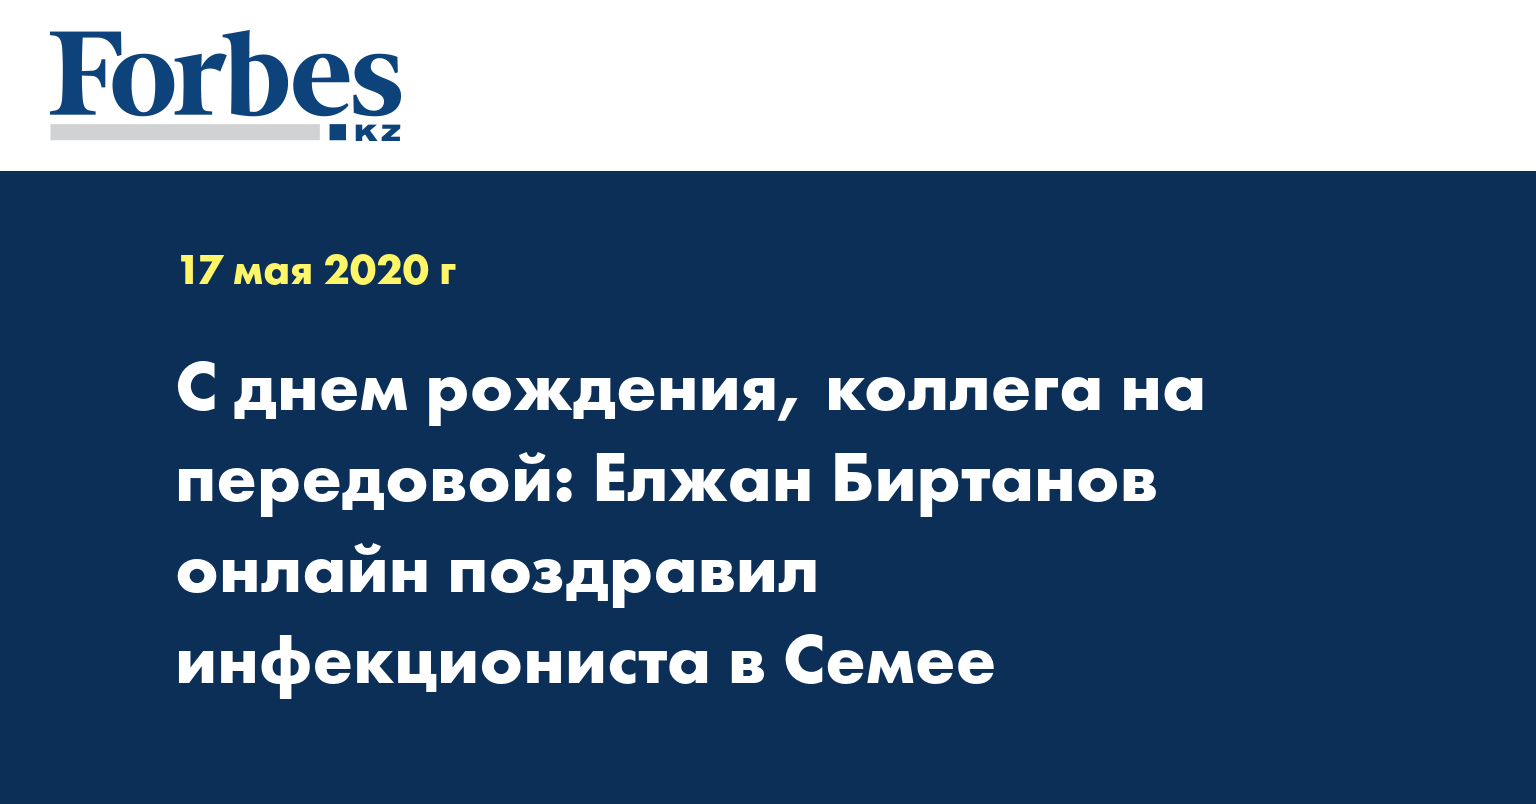 С днем рождения, коллега на передовой: Елжан Биртанов онлайн поздравил инфекциониста в Семее